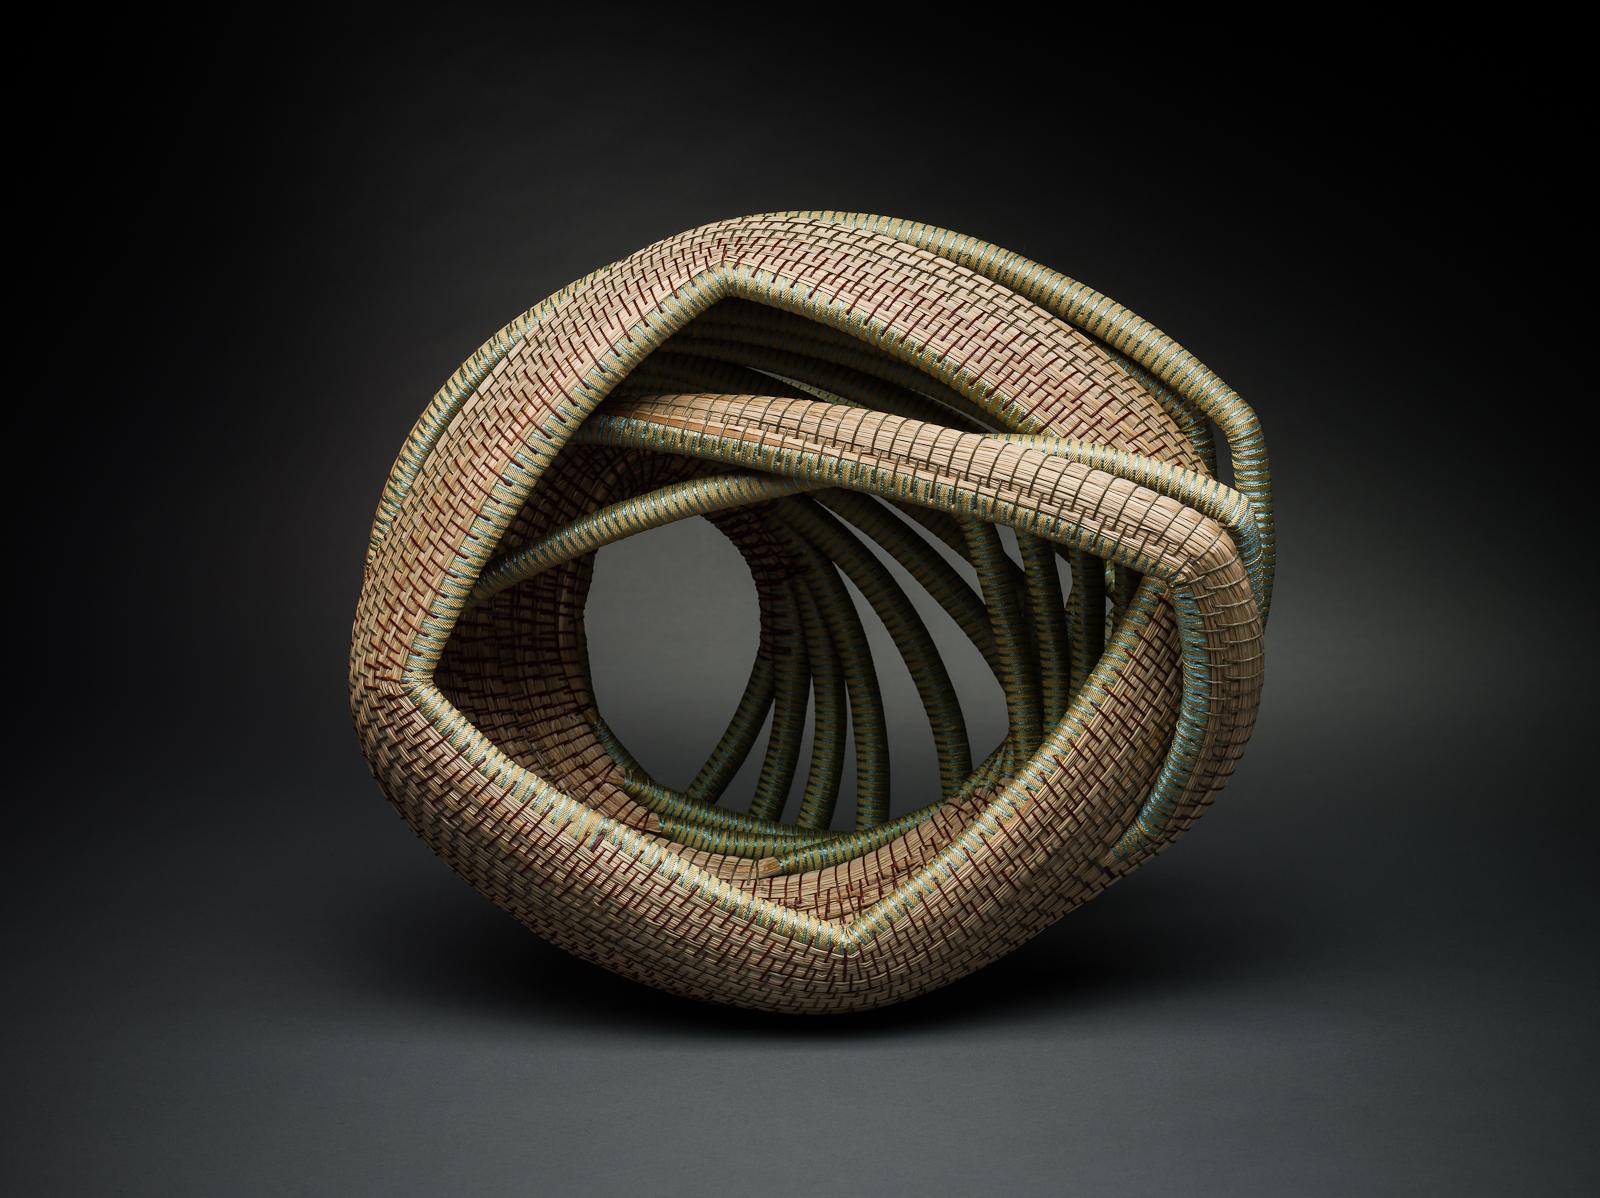 sage-spiral-1363v2-2012